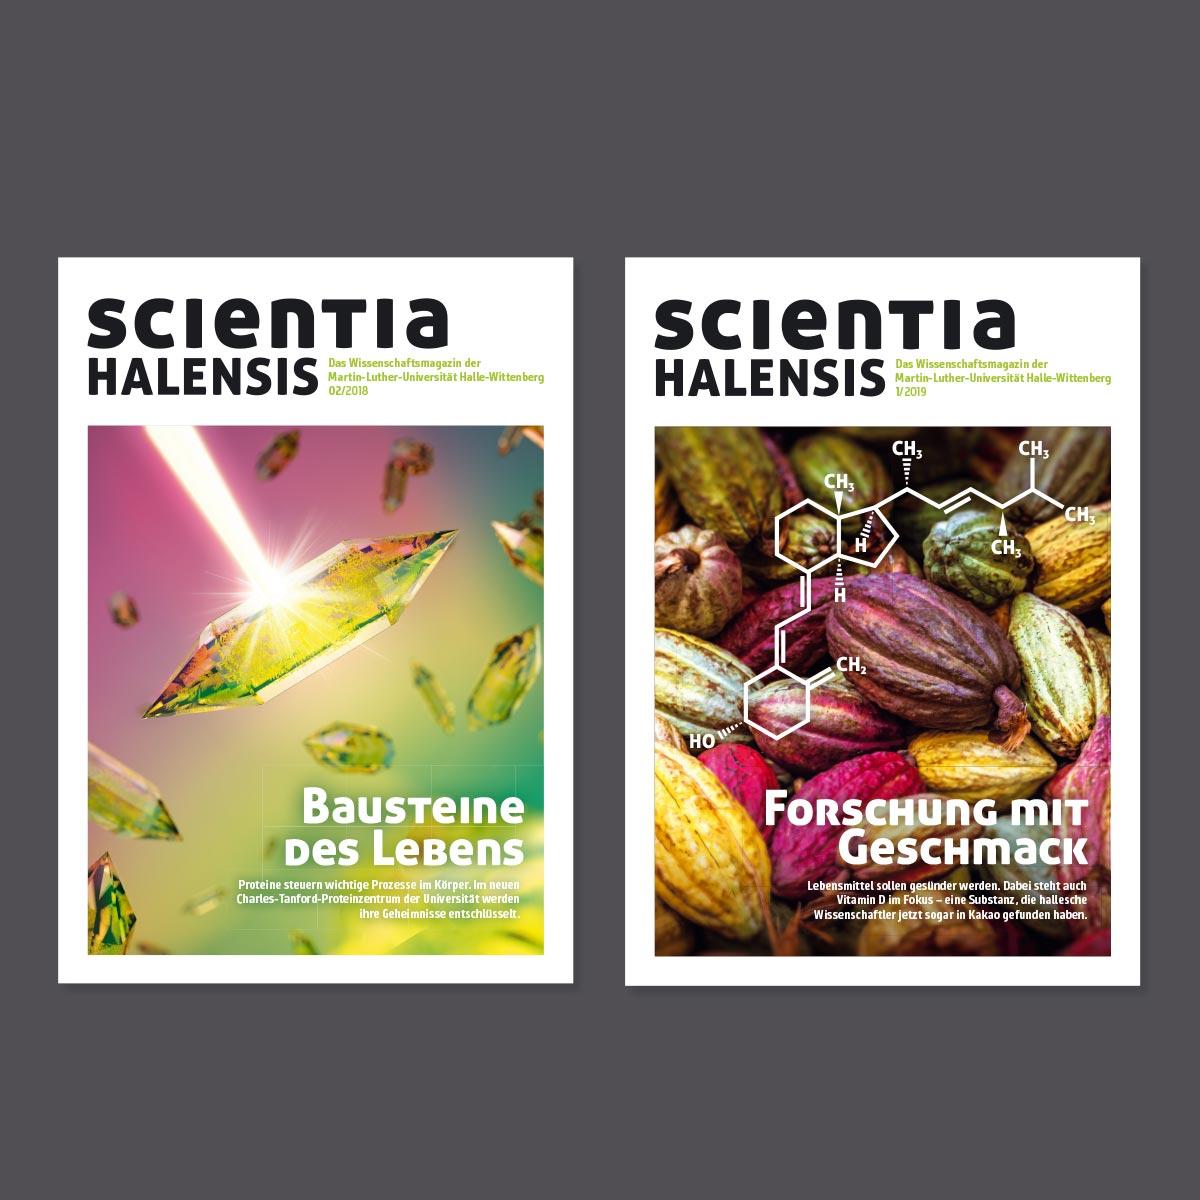 Scientia Halensis